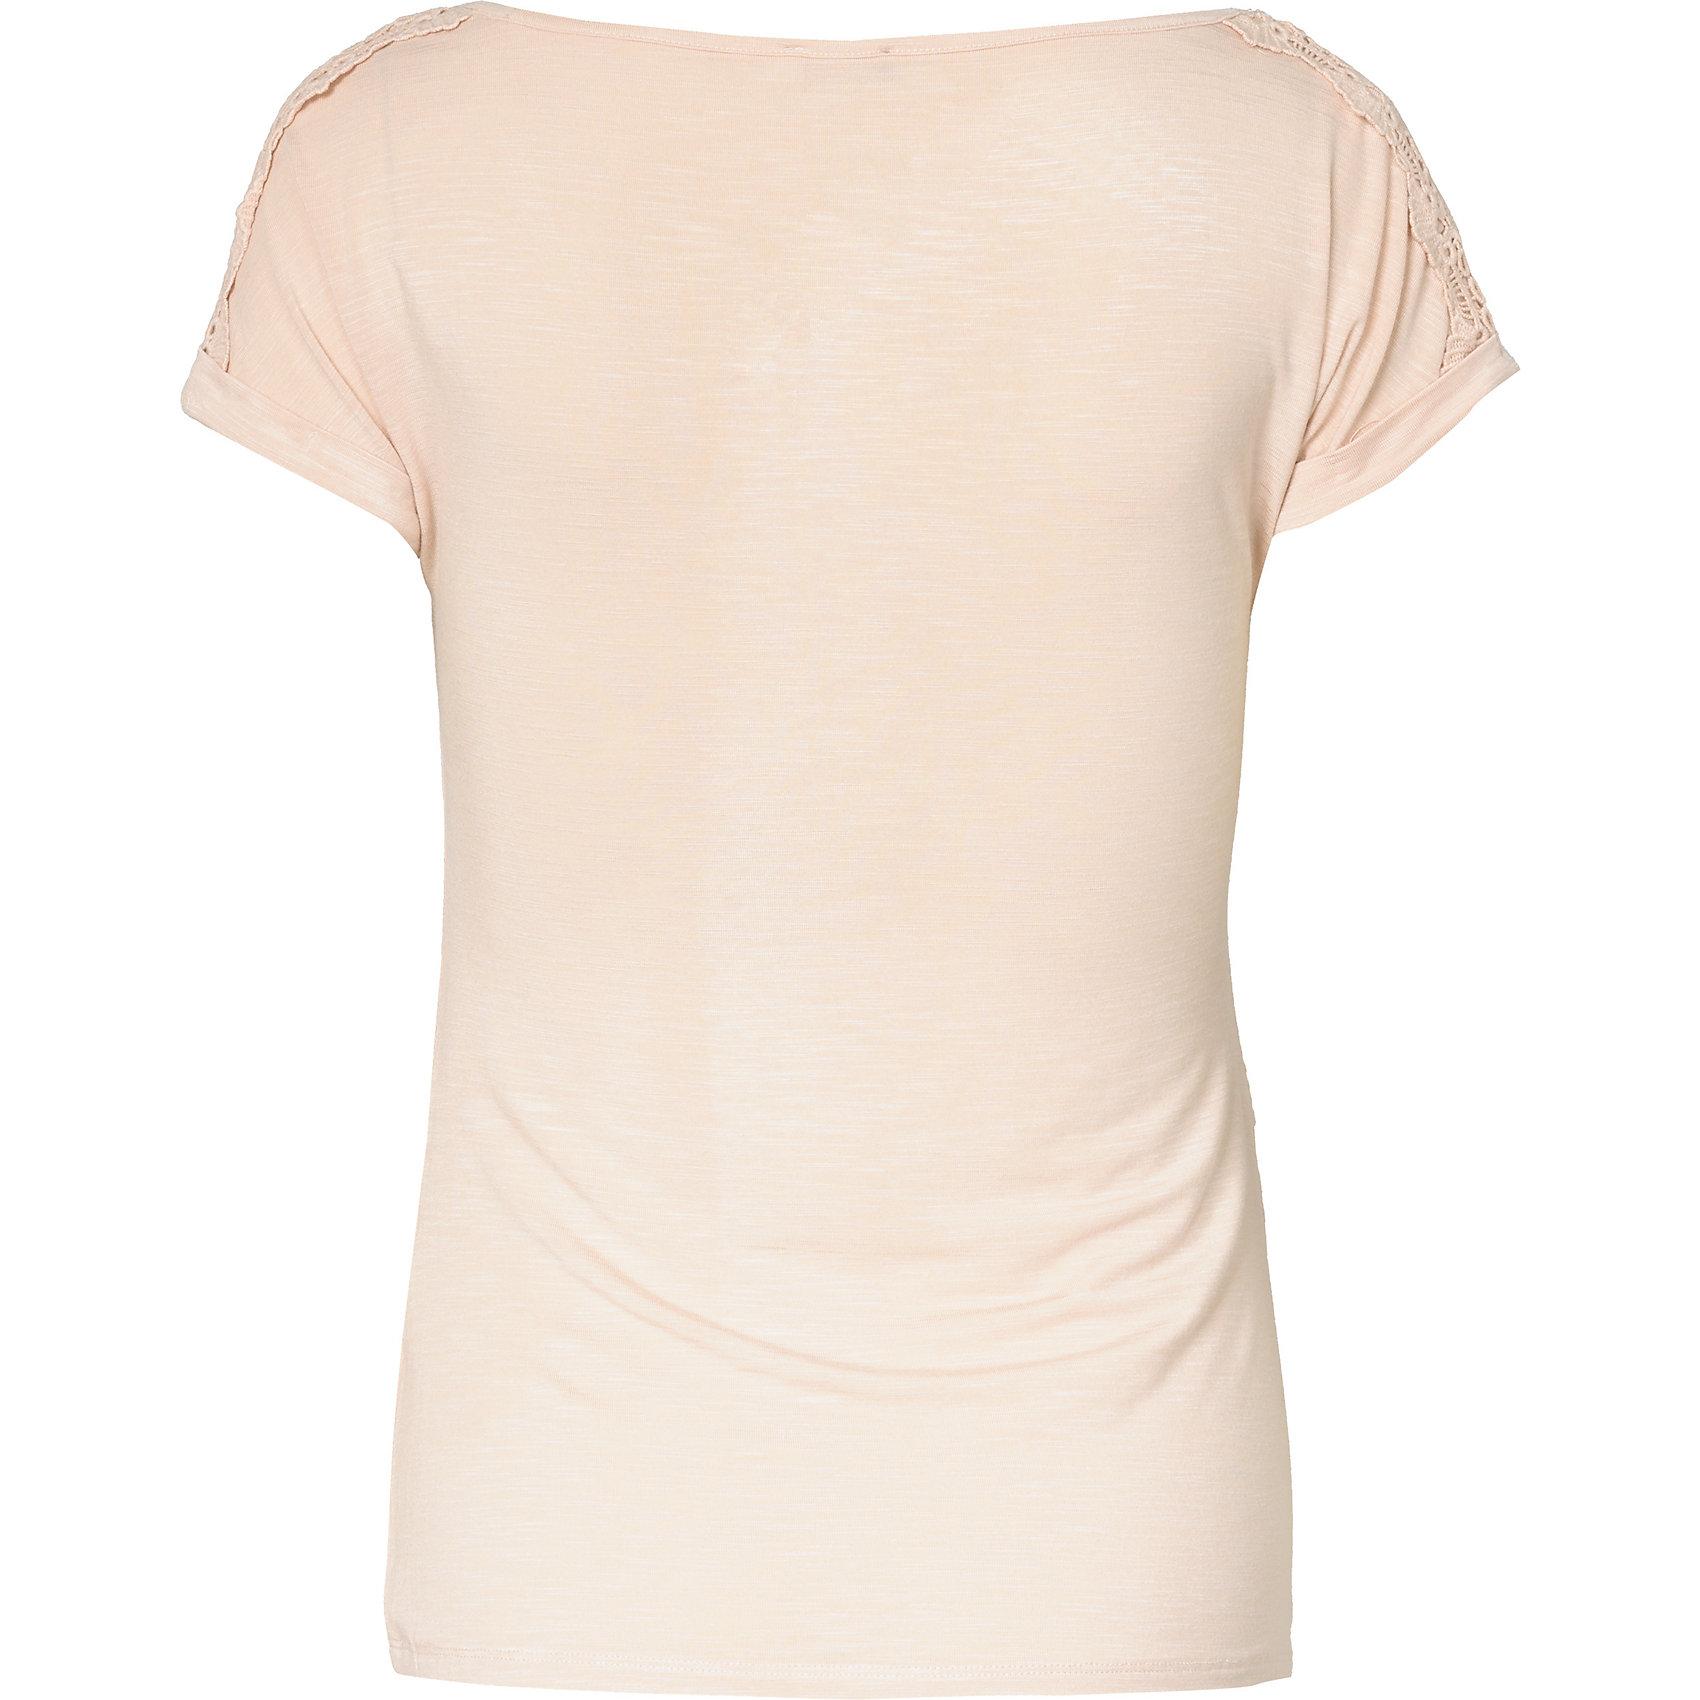 Neu Colline Umstandsshirt 8024975 für Damen rosa